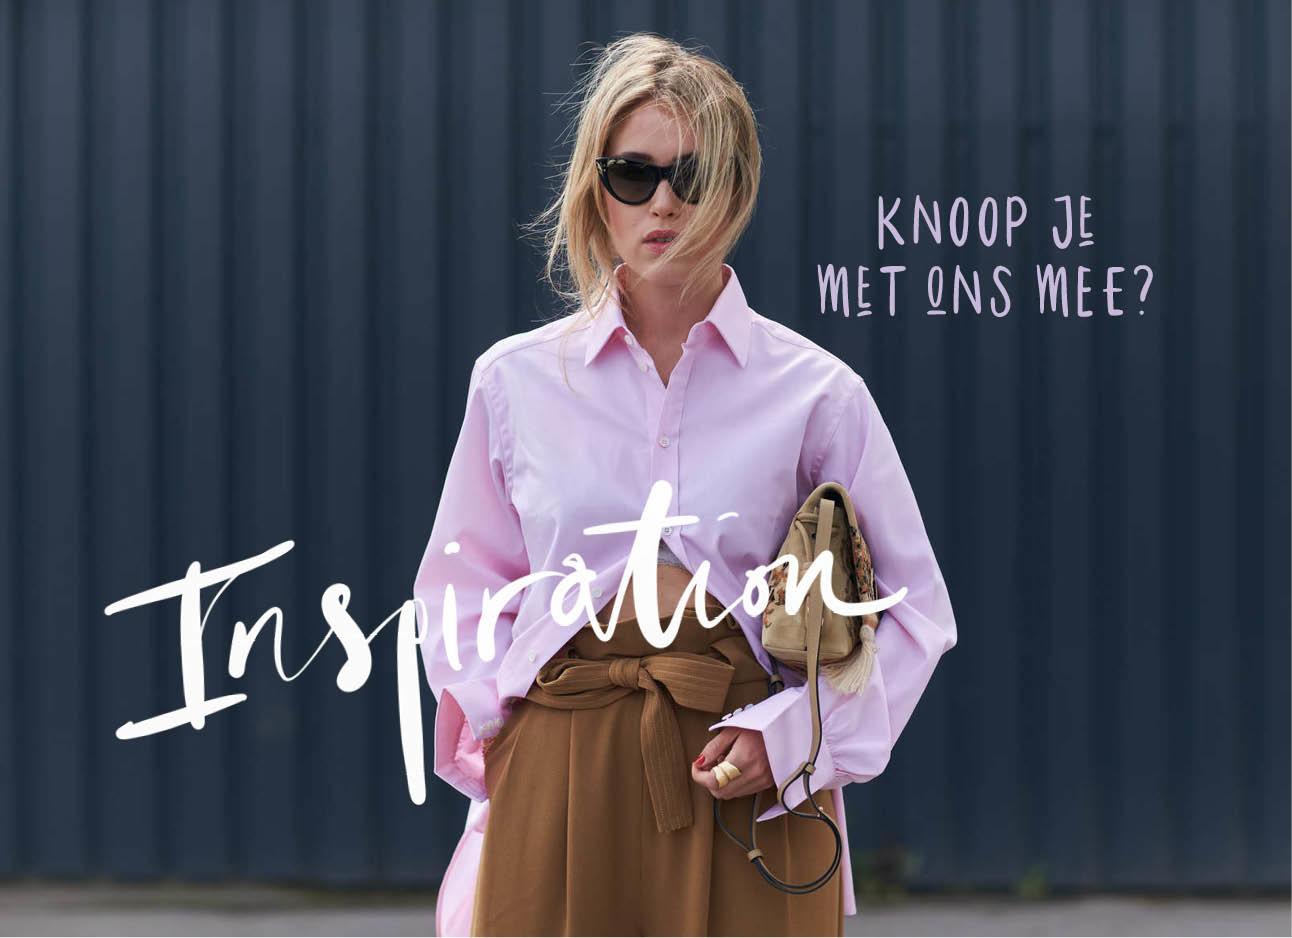 blouse inspiratie vrouw op straat met tas onder haar handen